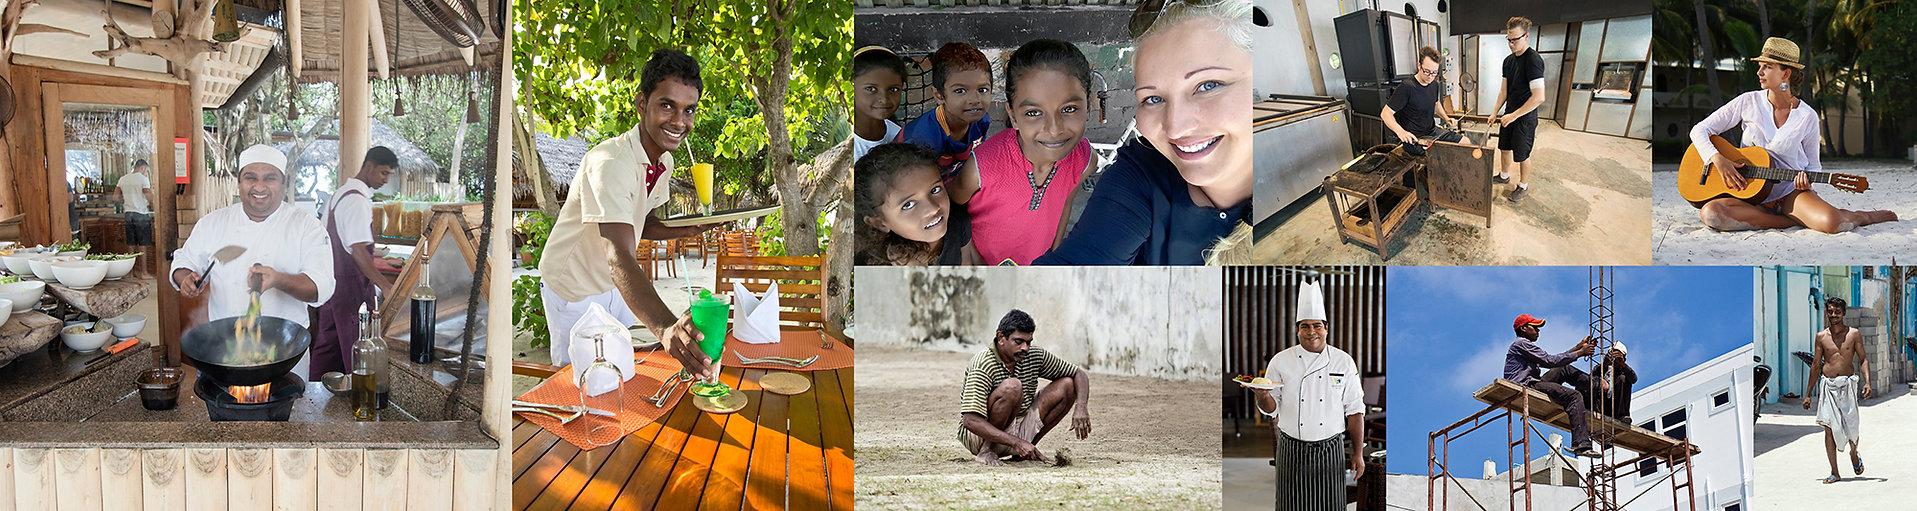 Život a práce na Maledivách